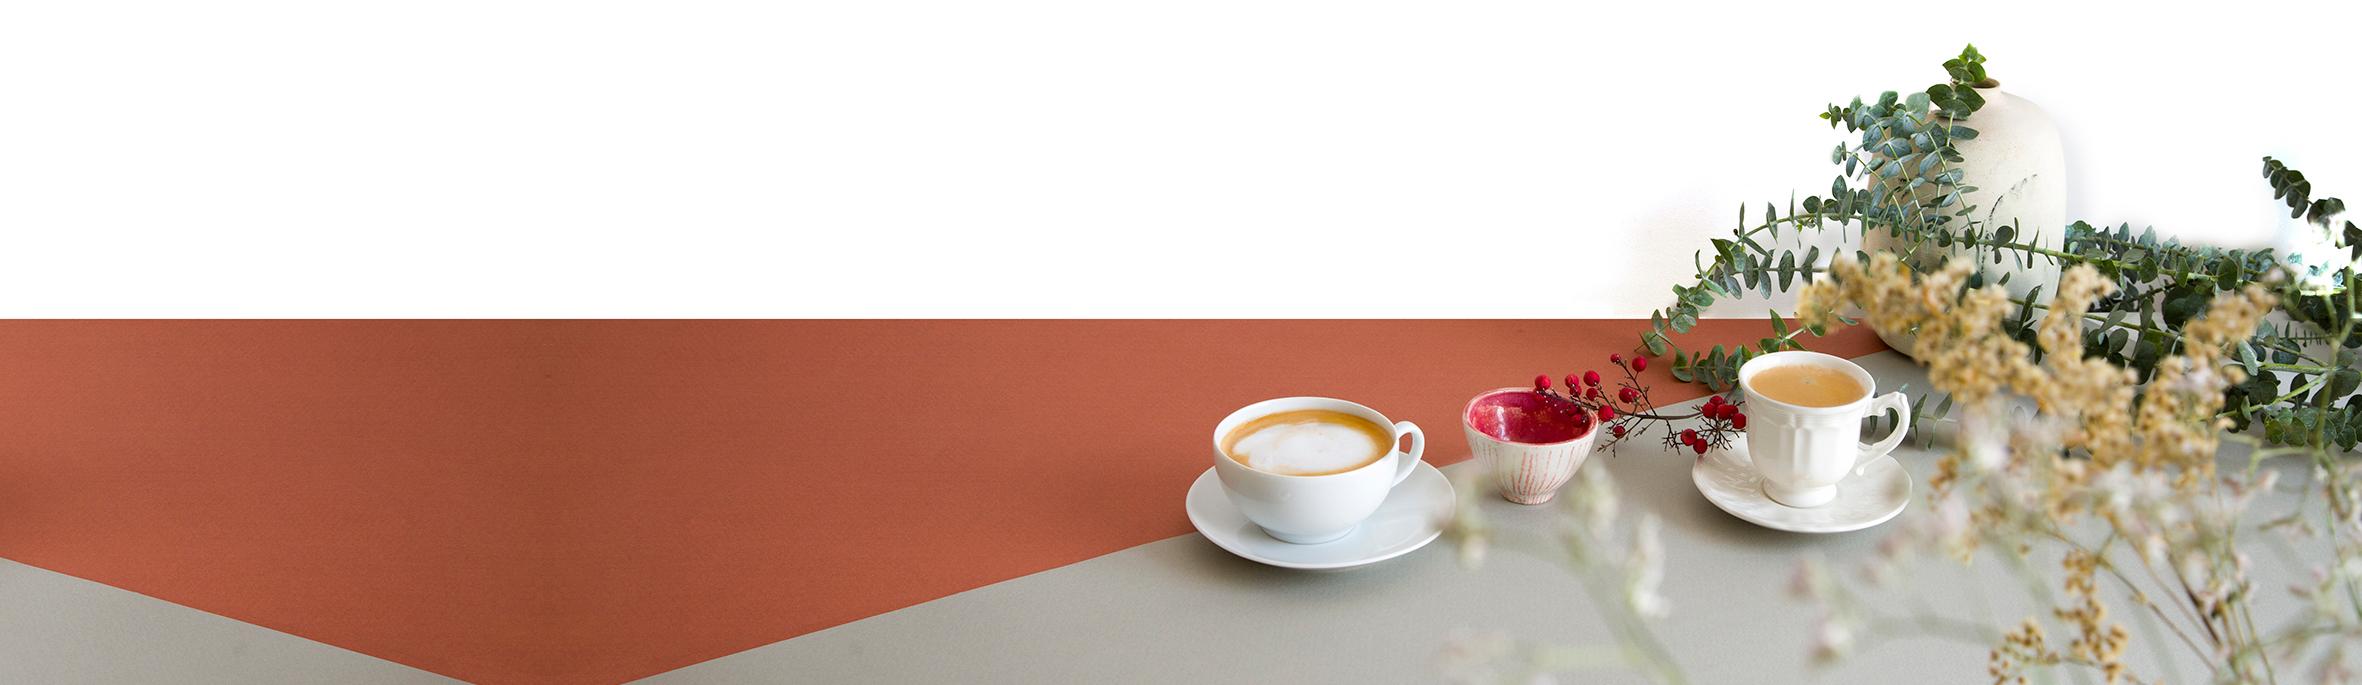 Cafés Luthier 100% Arábica